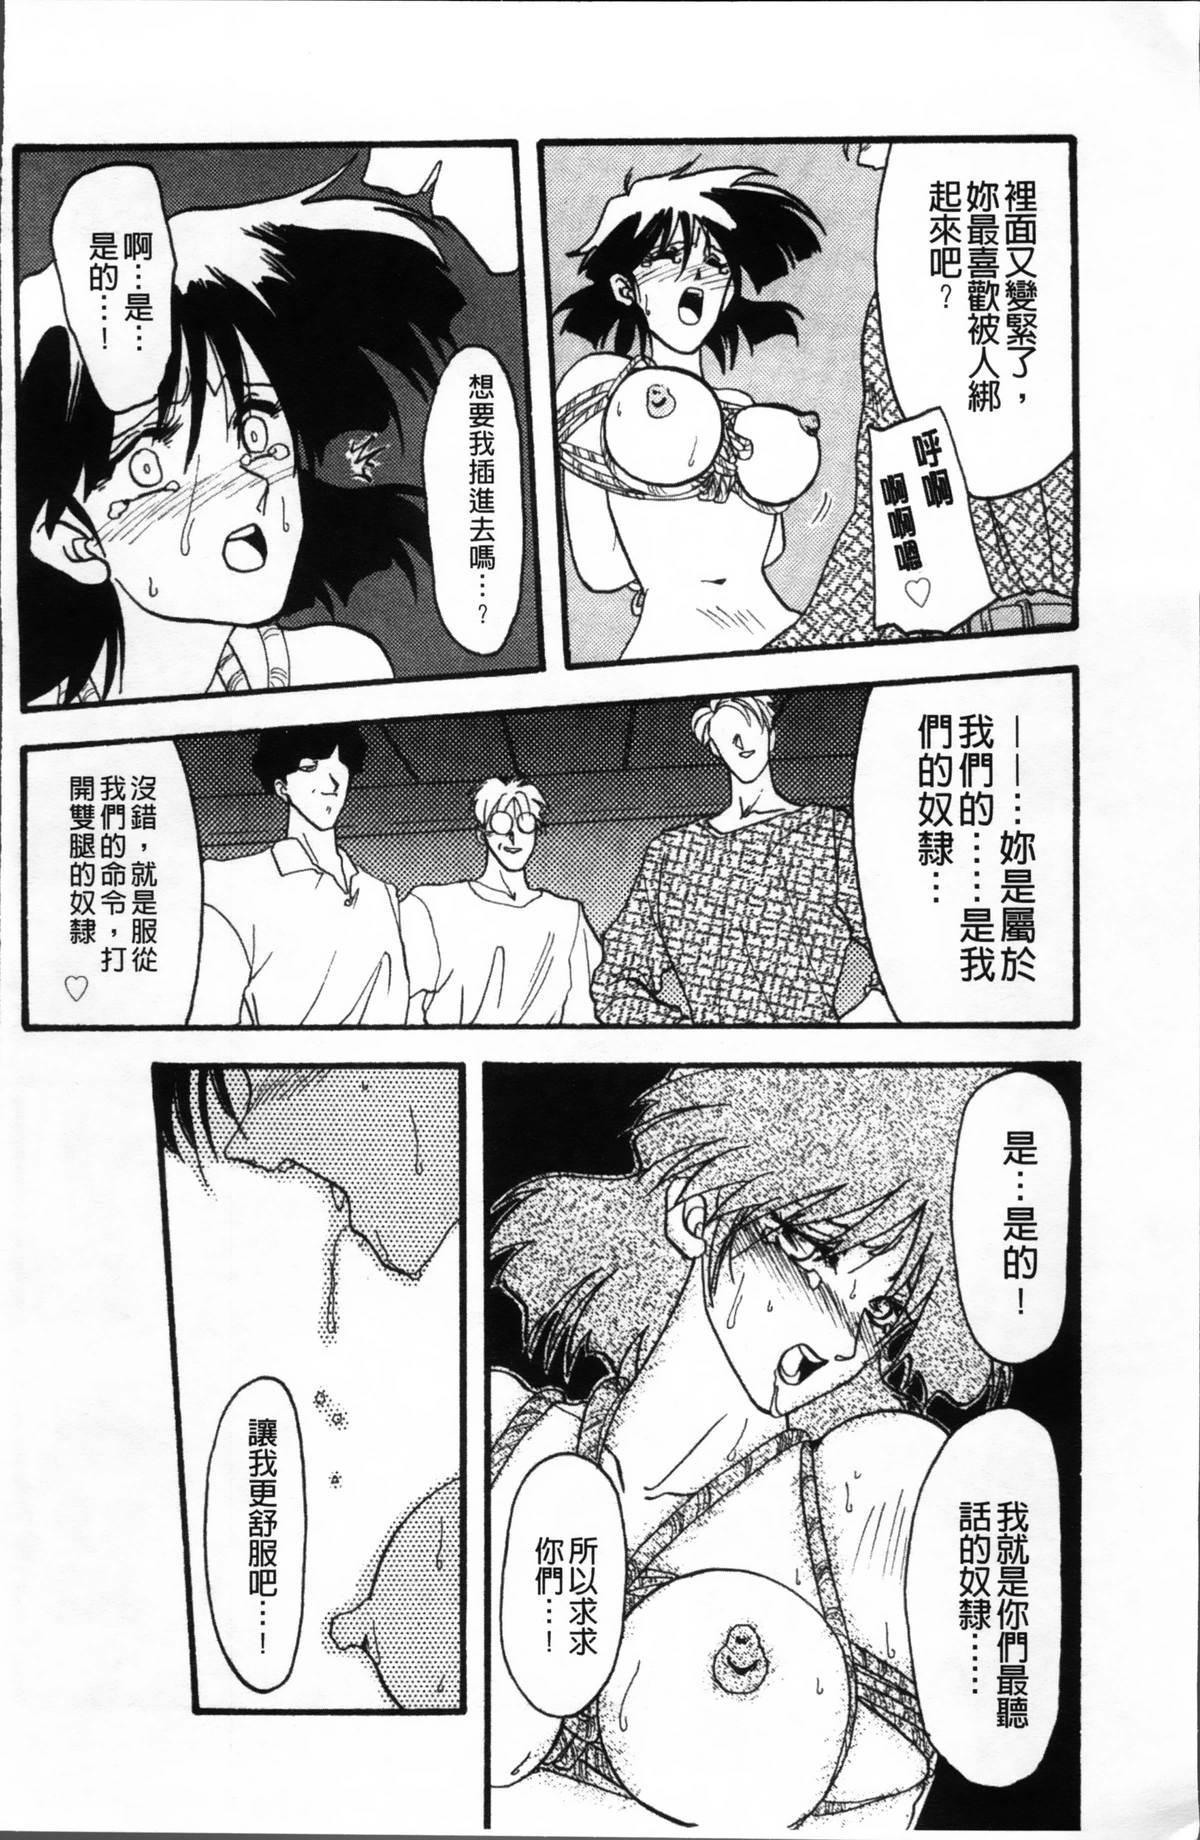 Hiiro no Koku Kanzenban   緋色之刻 完全版 73